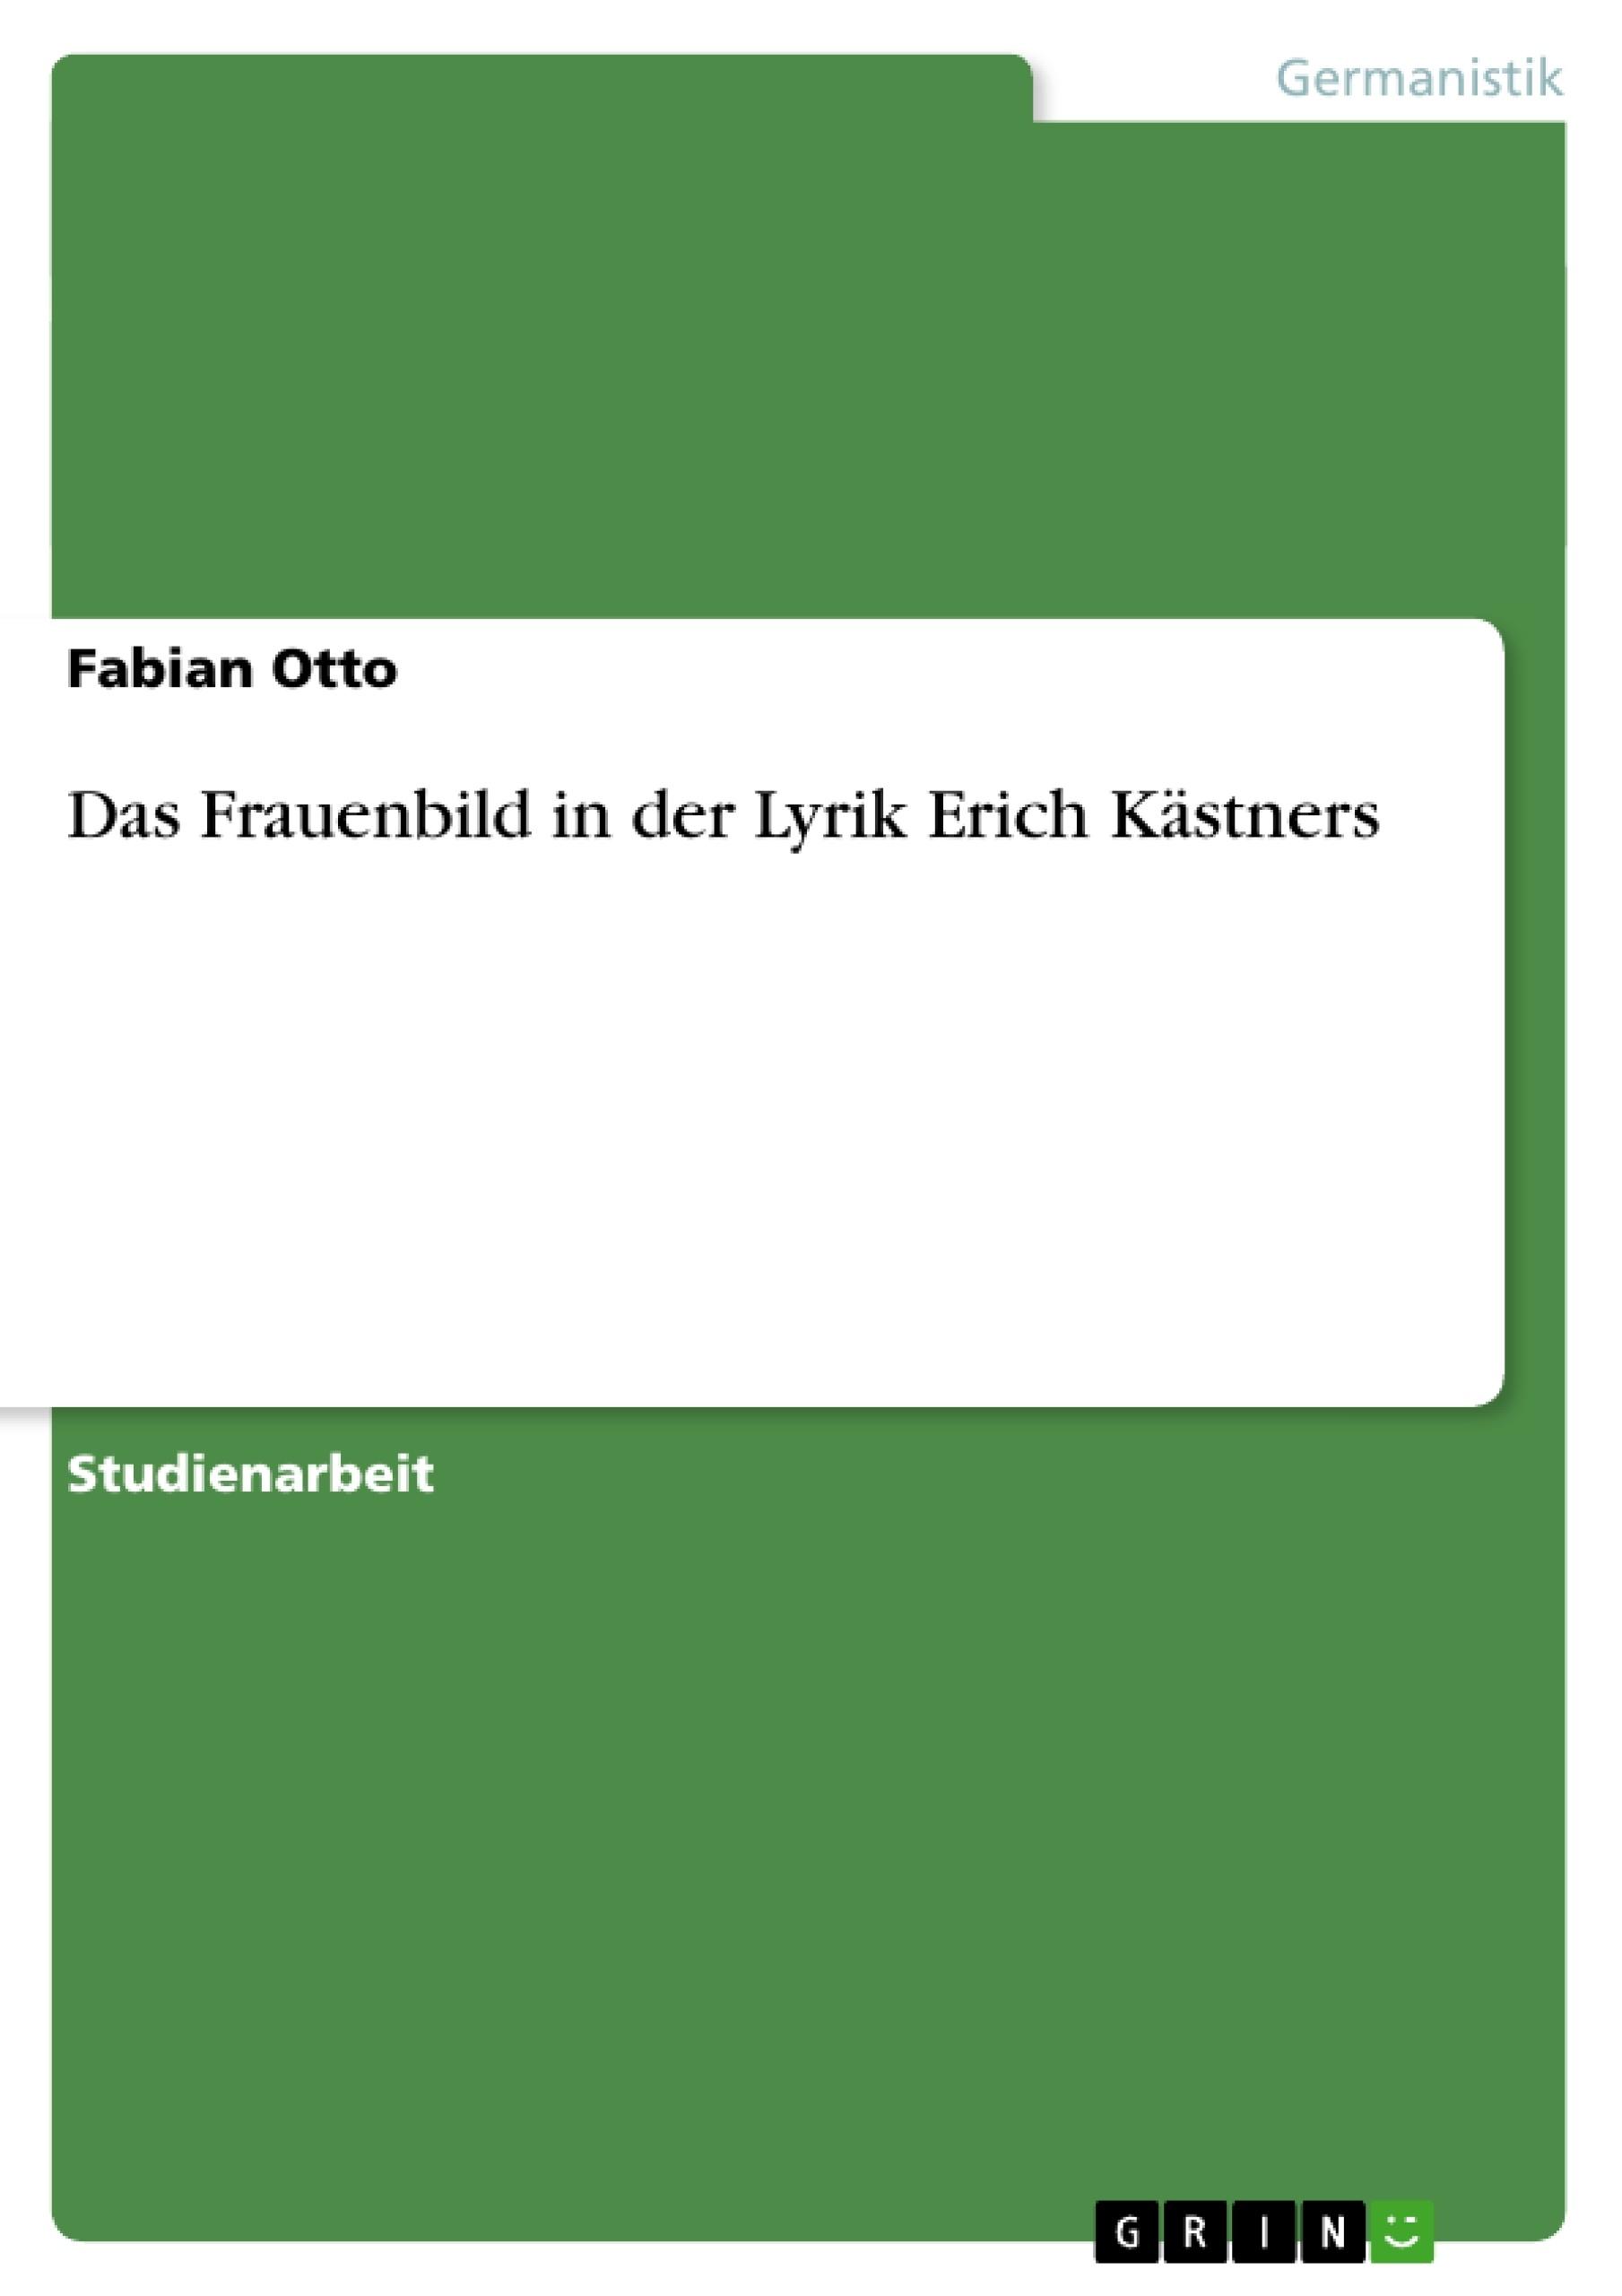 Titel: Das Frauenbild in der Lyrik Erich Kästners